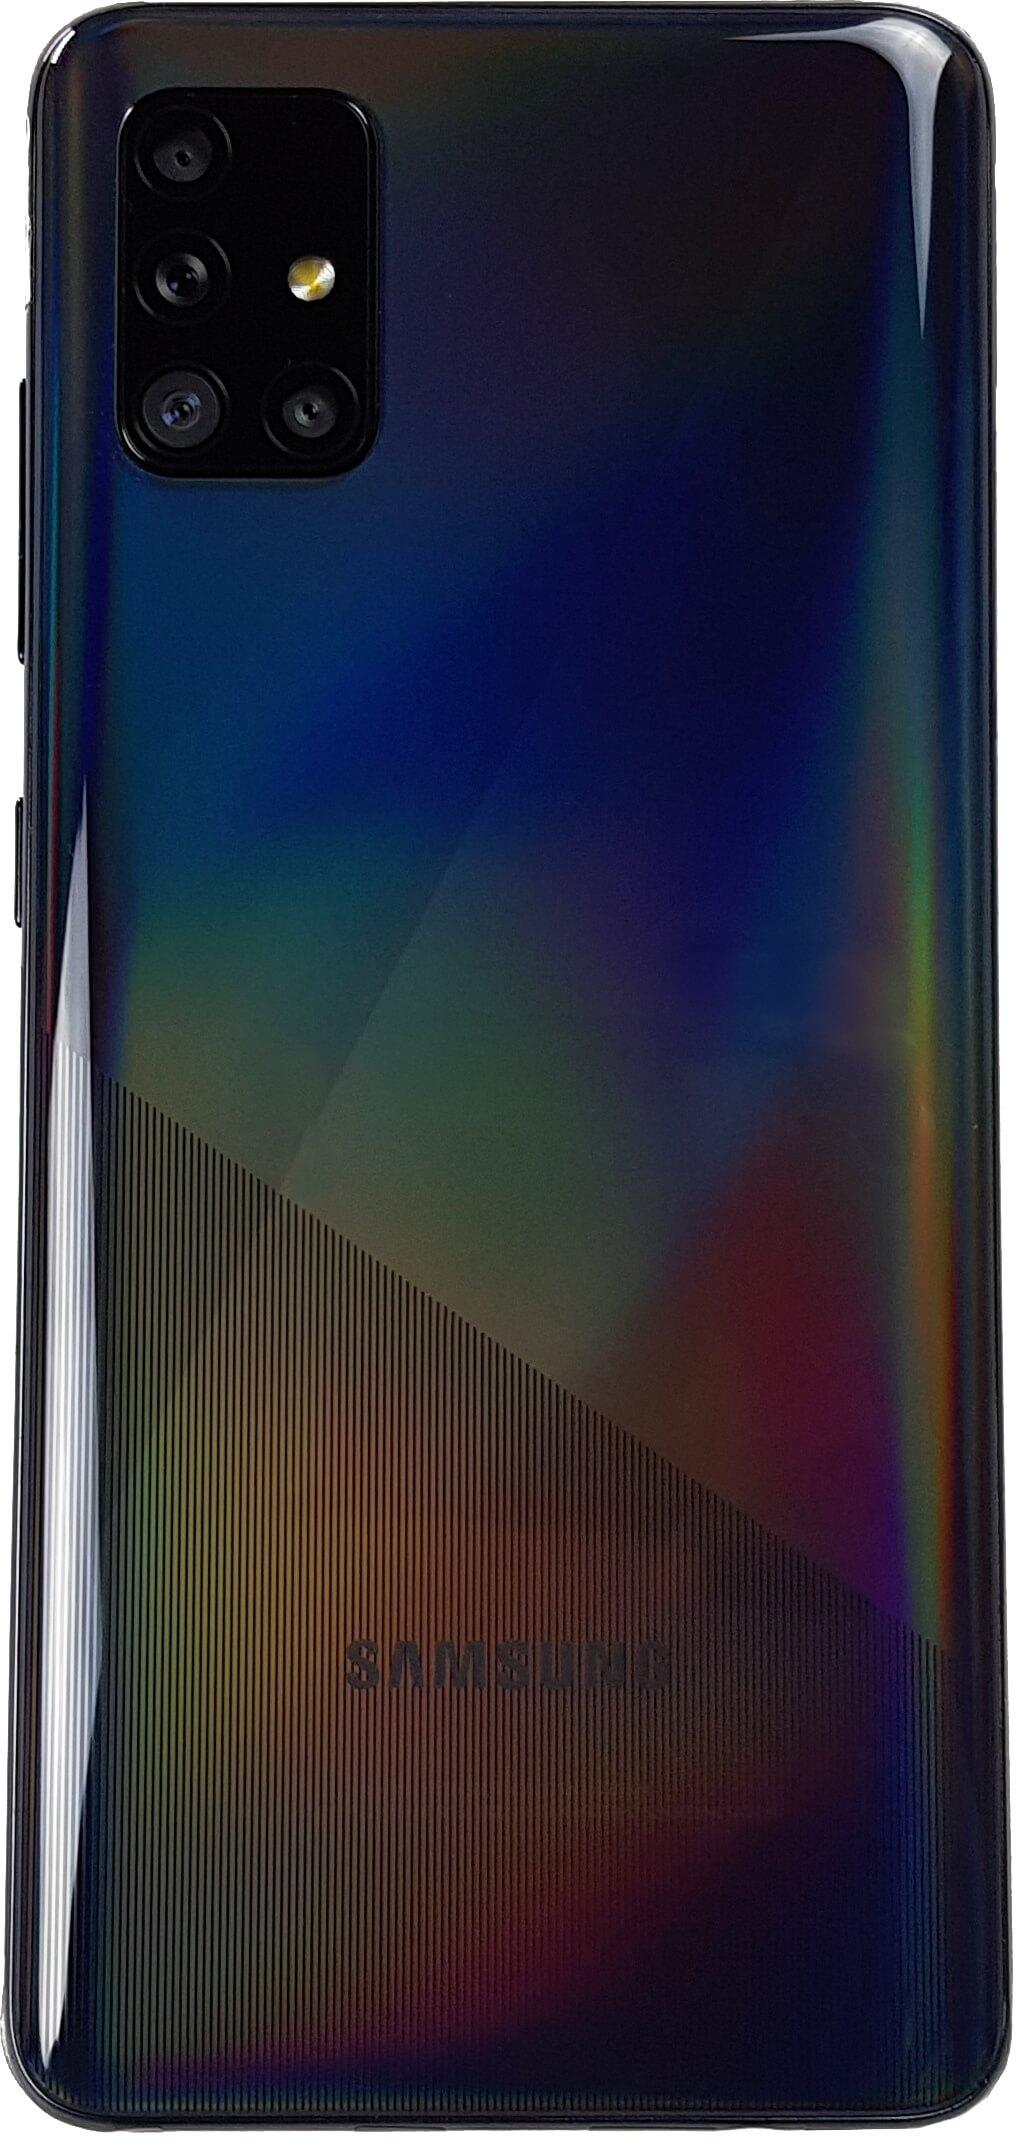 Samsung Galaxy A51 visto de atrás.